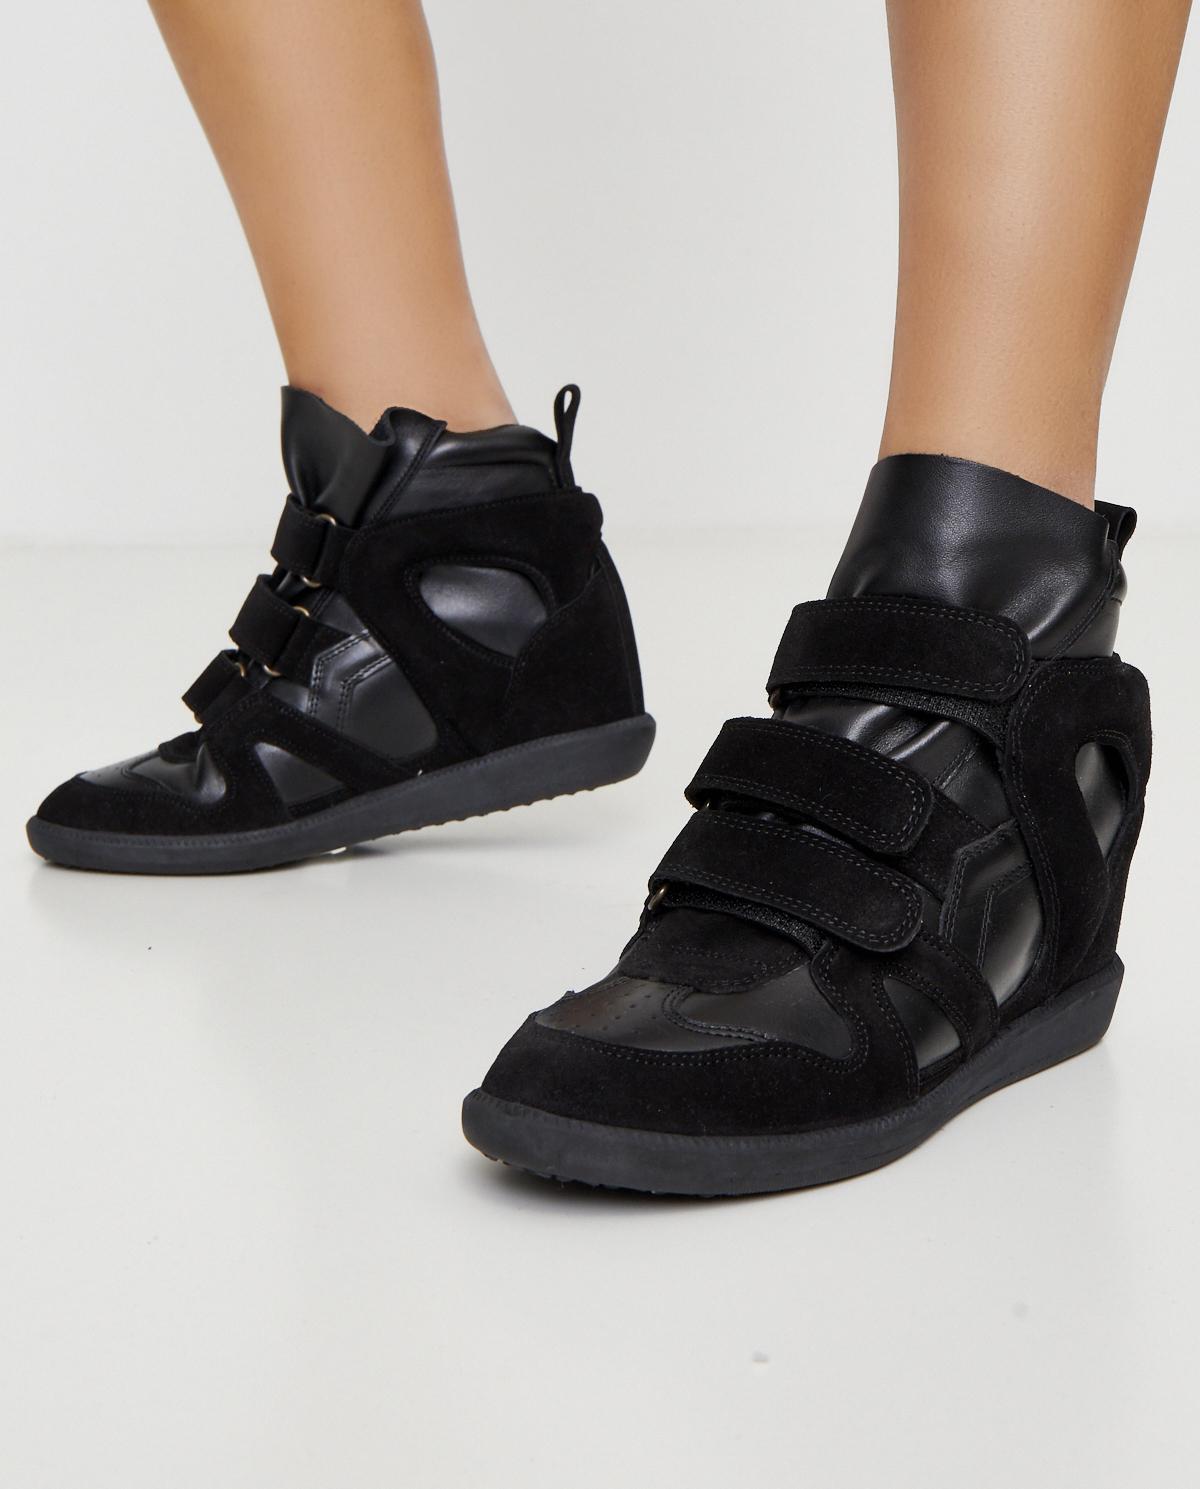 Czarne Sneakersy Buckee Na Ukrytym Koturnie 5 Cm Isabel Marant Cena I Opinie Sklep Internetowy Moliera2 Com